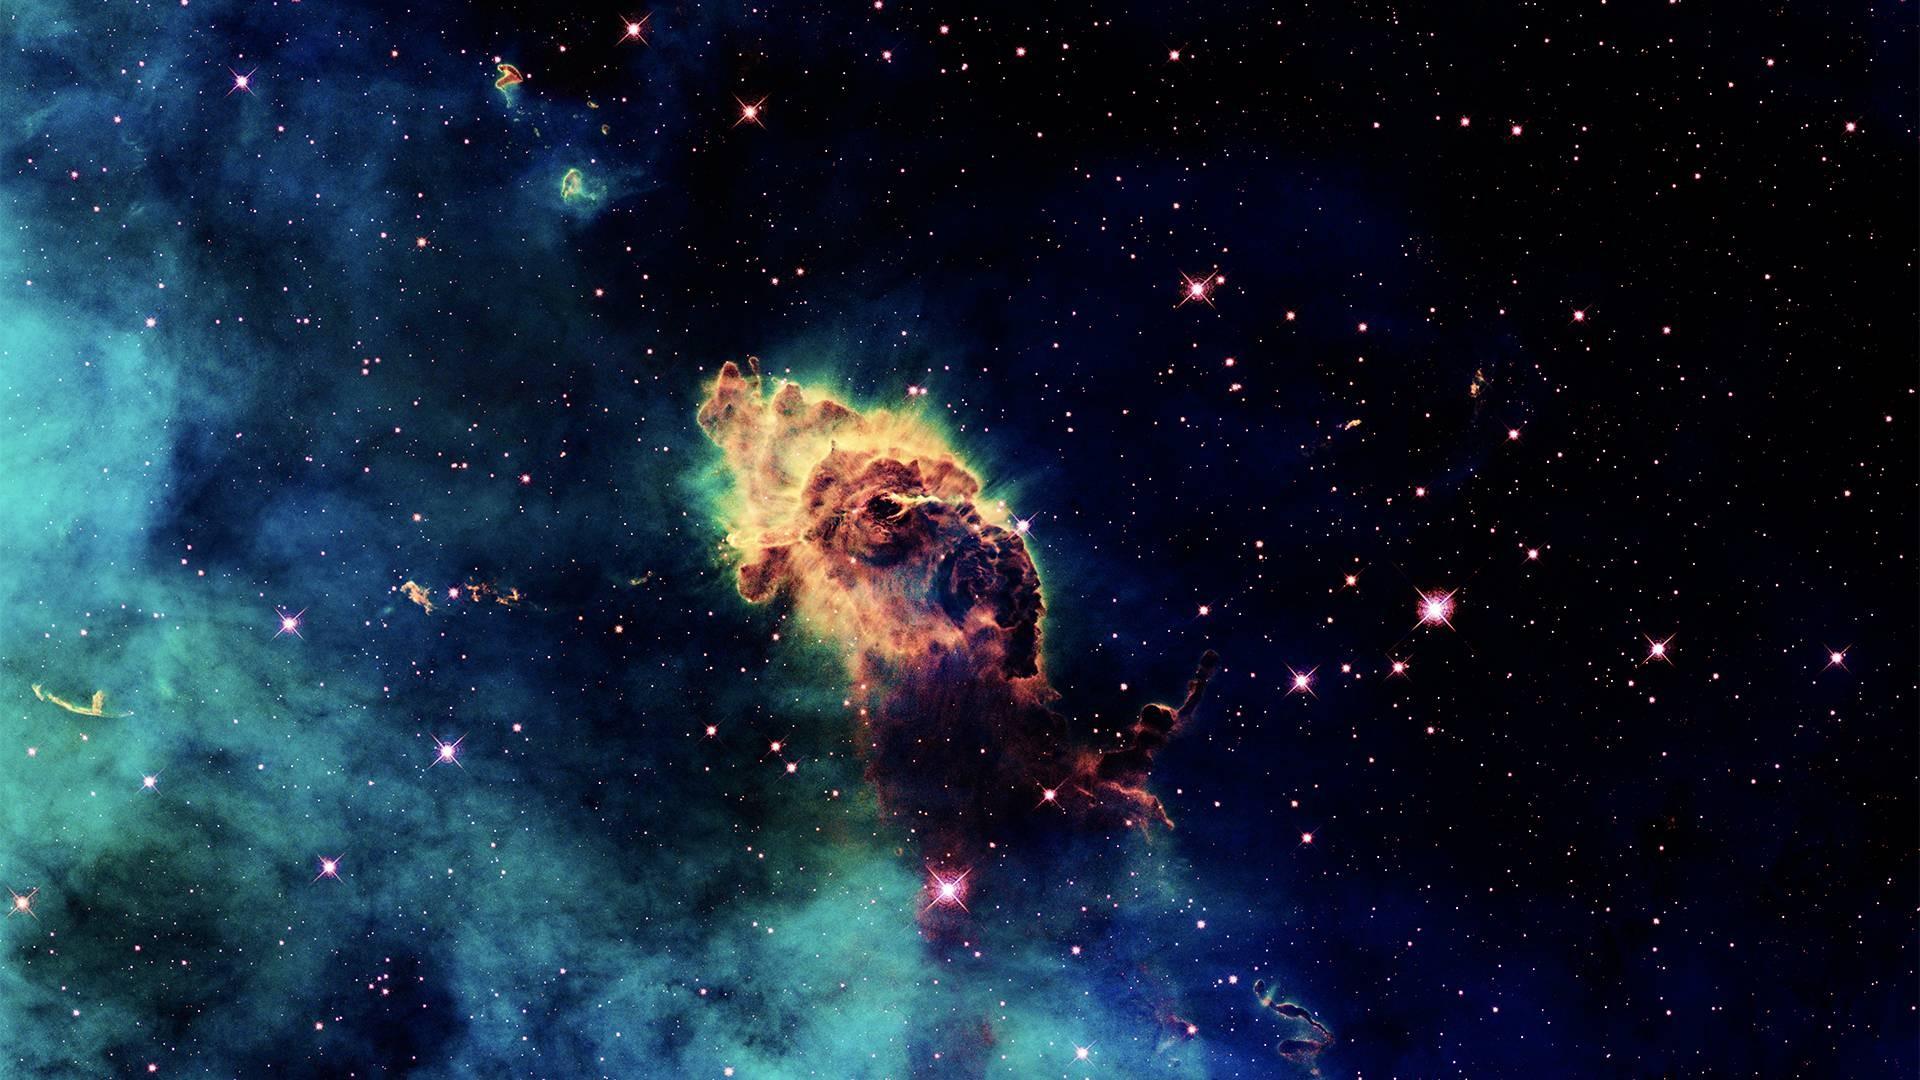 fond d ecran astronomie